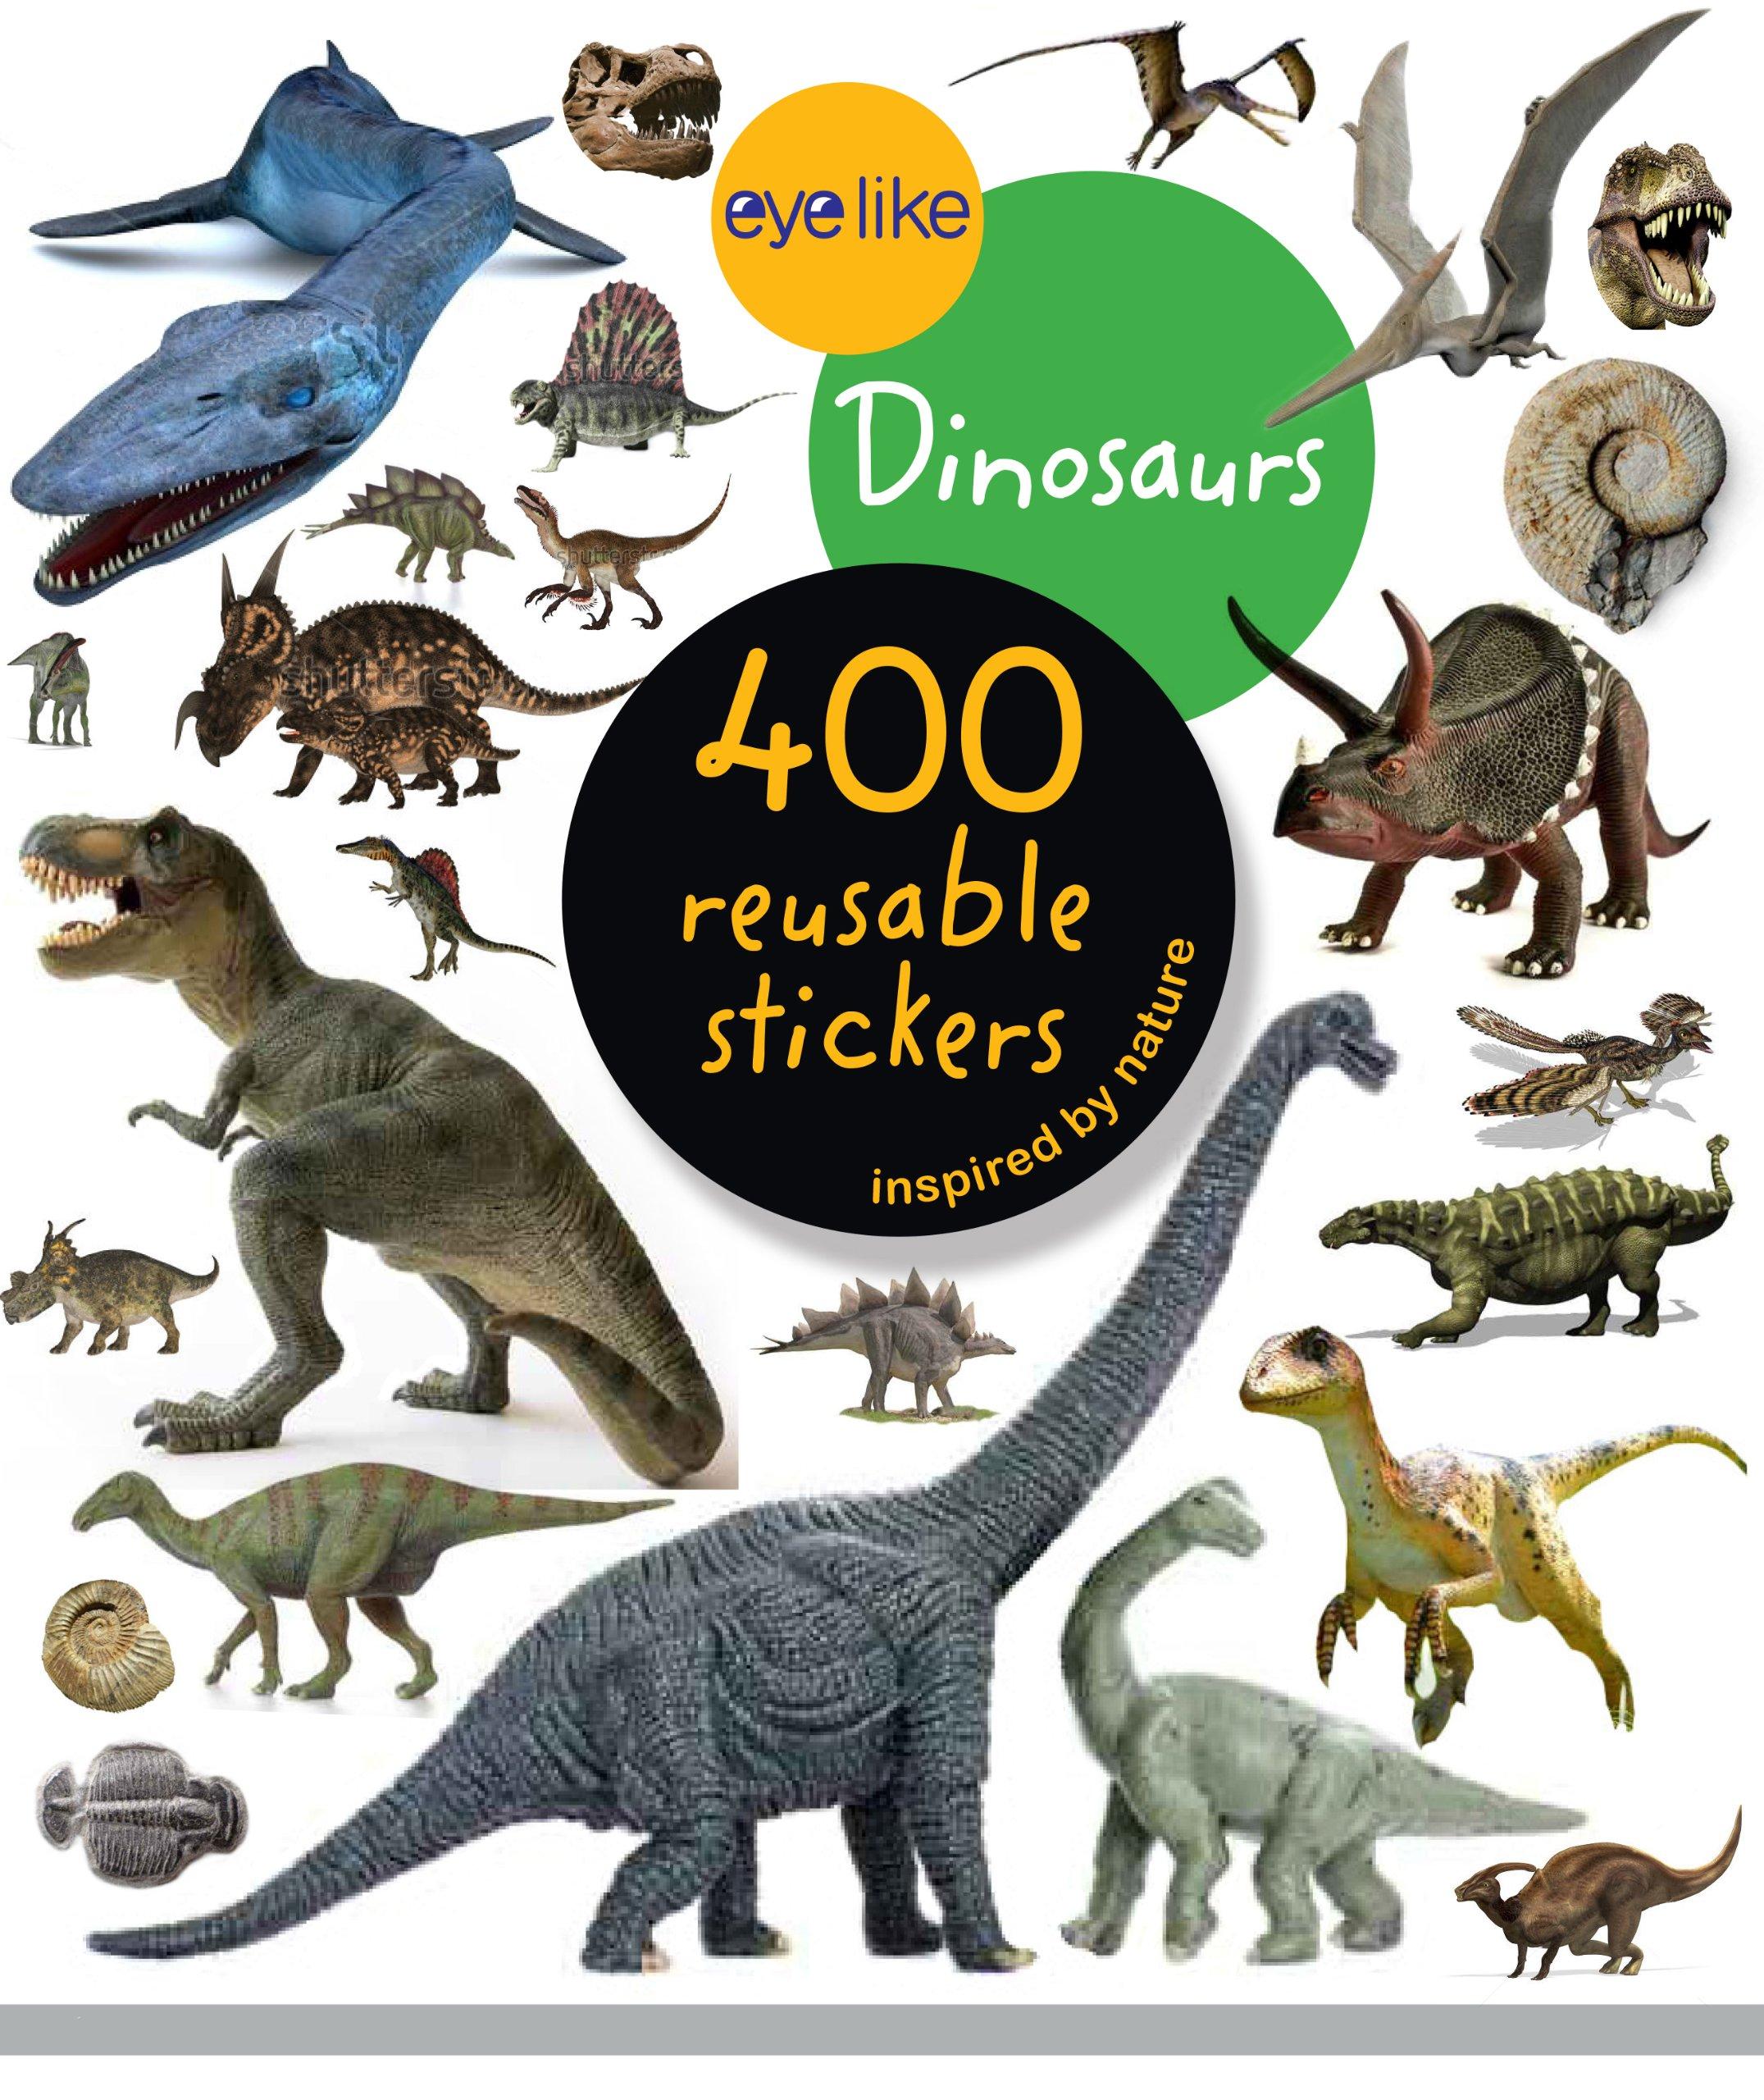 Eyelike Stickers Dinosaurs Workman Publishing 9780761174844 Amazon Books